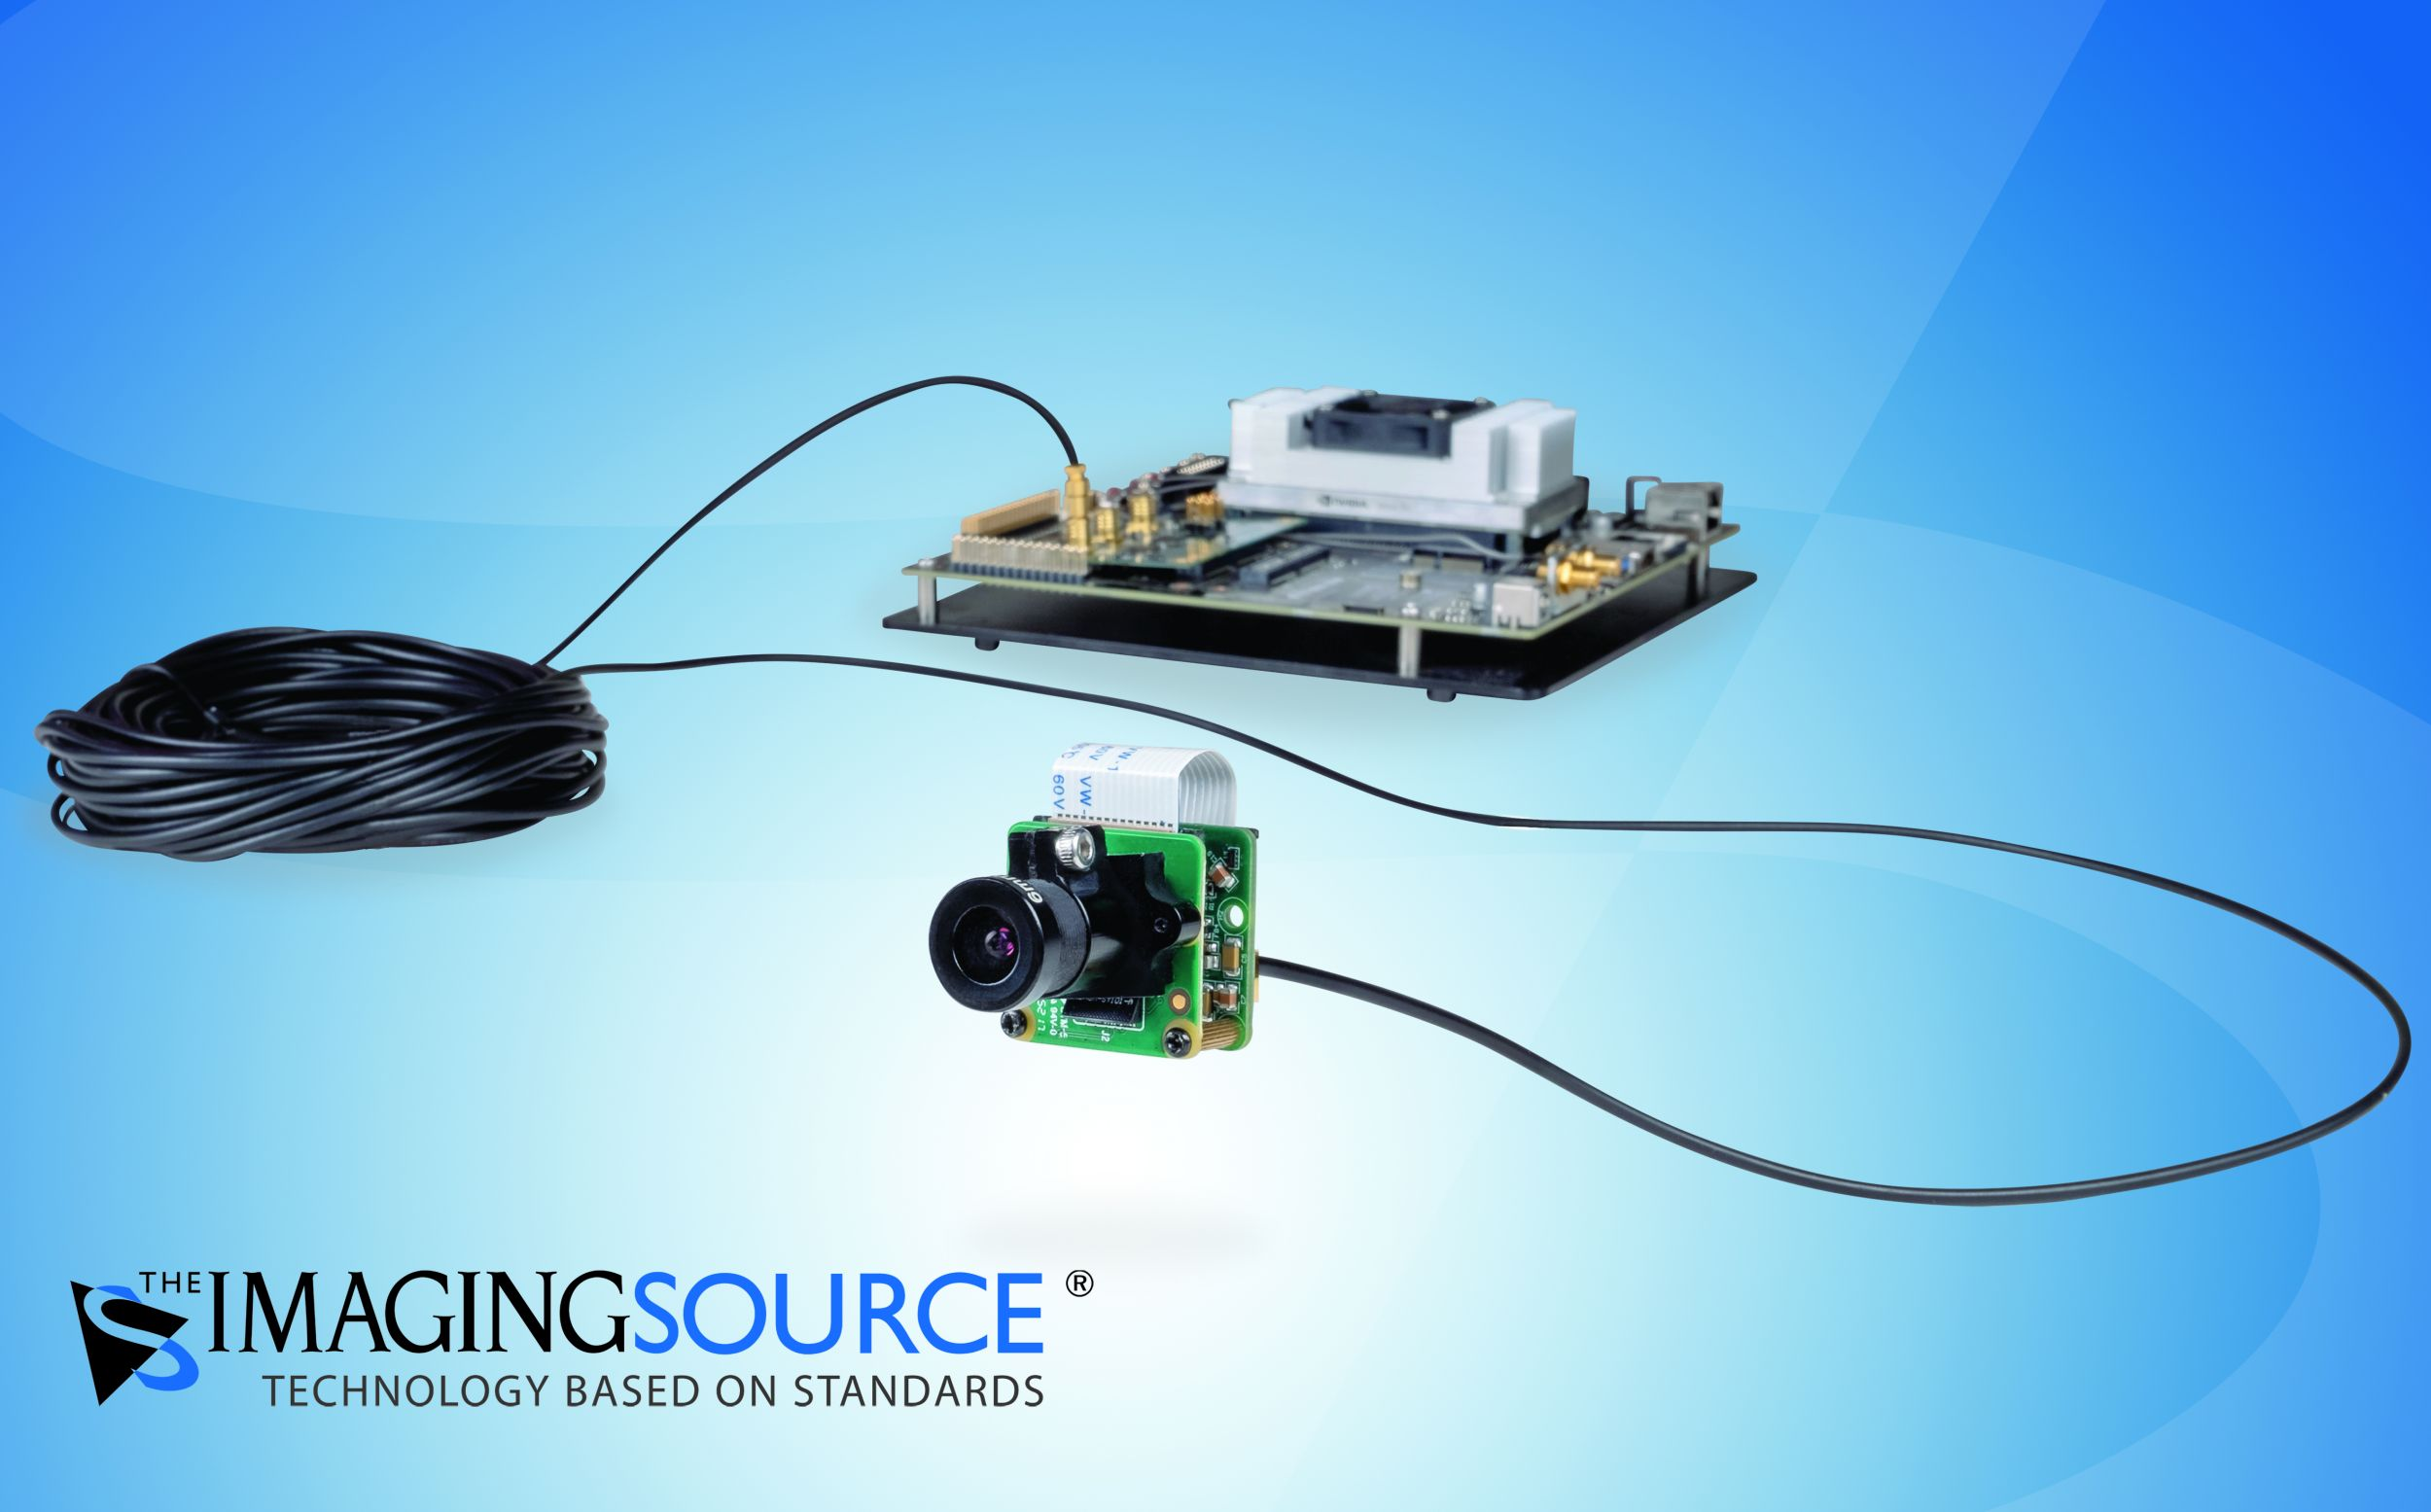 Das MIPI/CSI-2 Modul inklusive Serializer wird per FPD-Link III mit bis zu 15m Kabellänge mit dem Embedded-System (hier: Nvidia Jetson) verbunden. (Bild: The Imaging Source Europe GmbH)